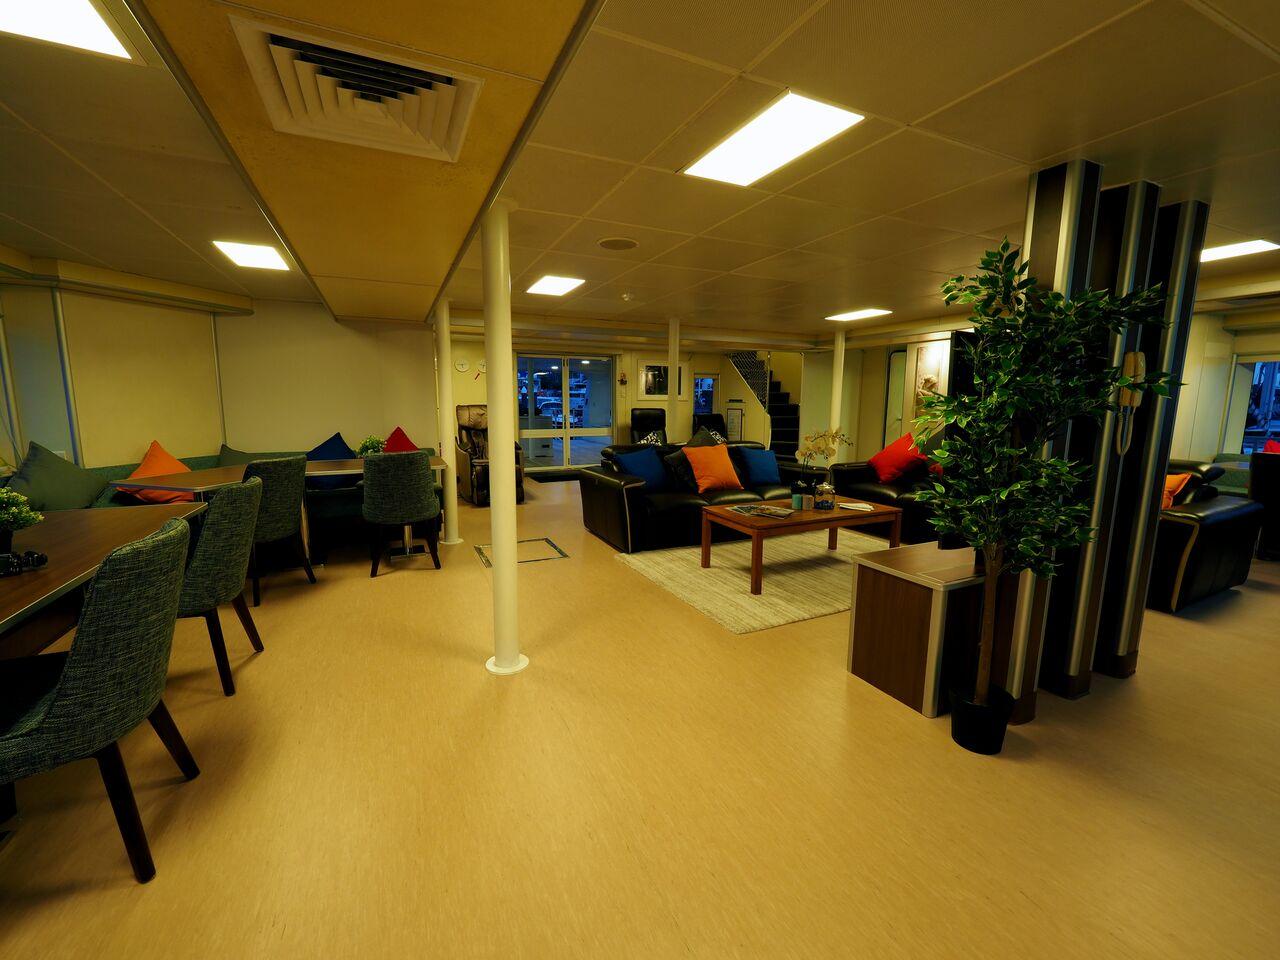 Solitude Adventurer's Indoor Lounge